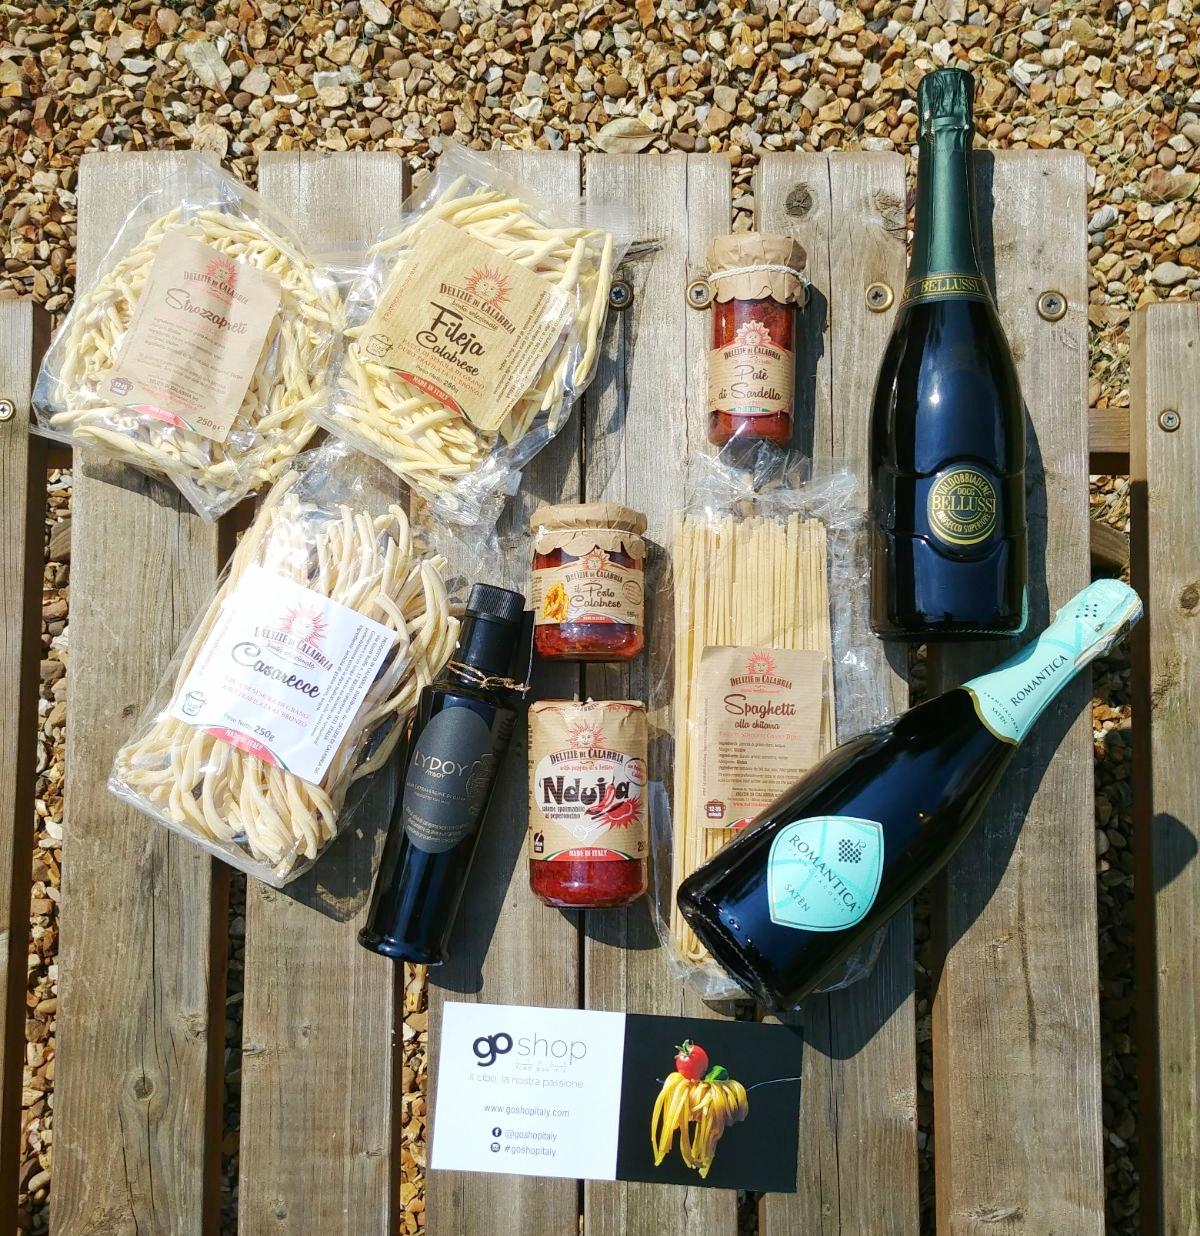 Go shop Italy hamper review